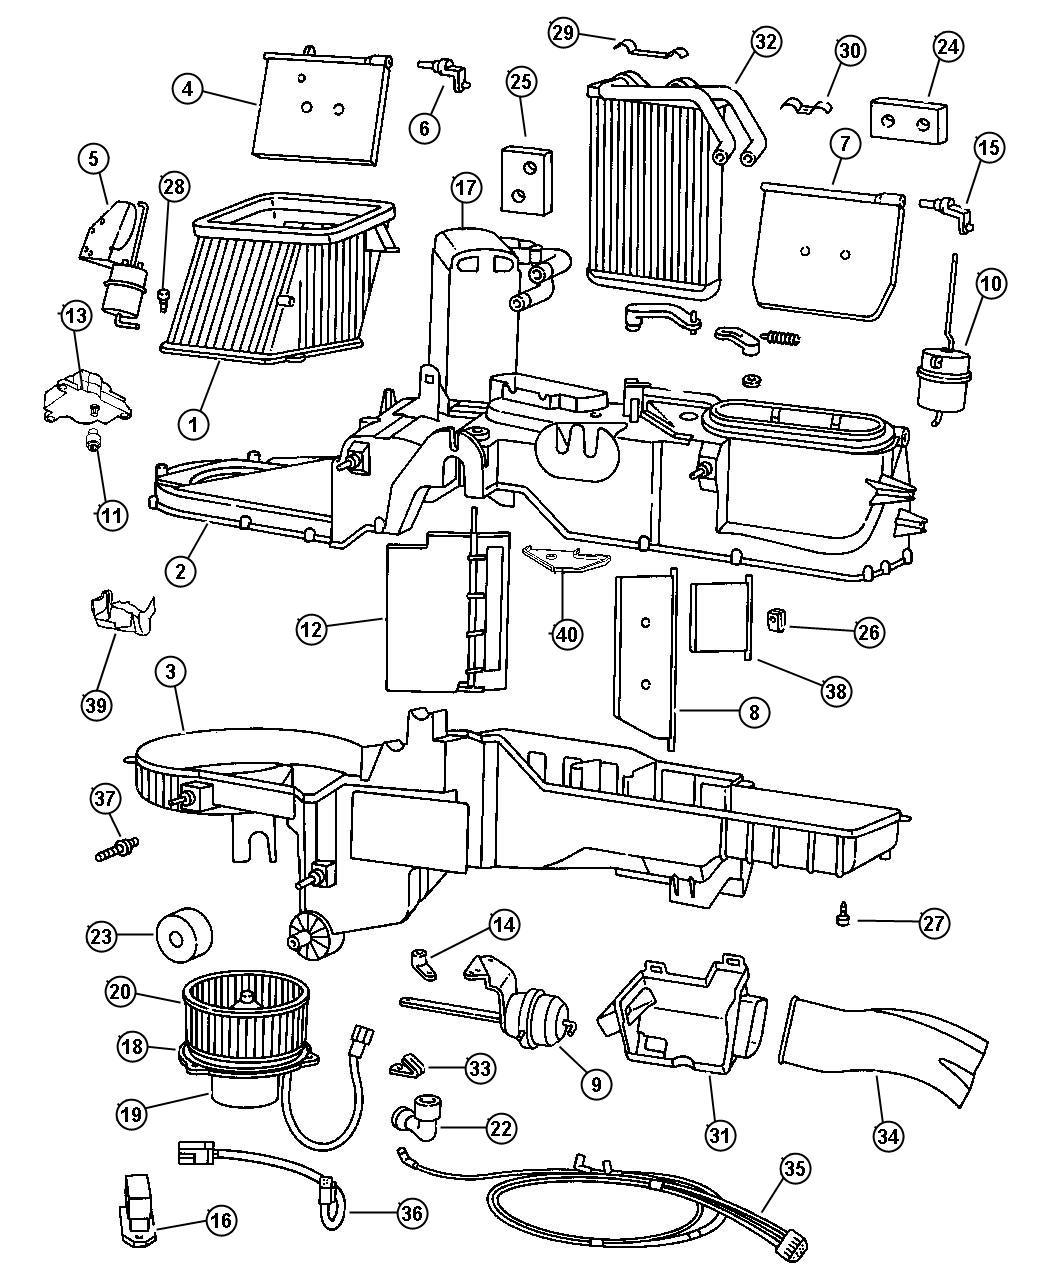 Dayton 2yu70 Wiring Diagram. . Wiring Diagram on